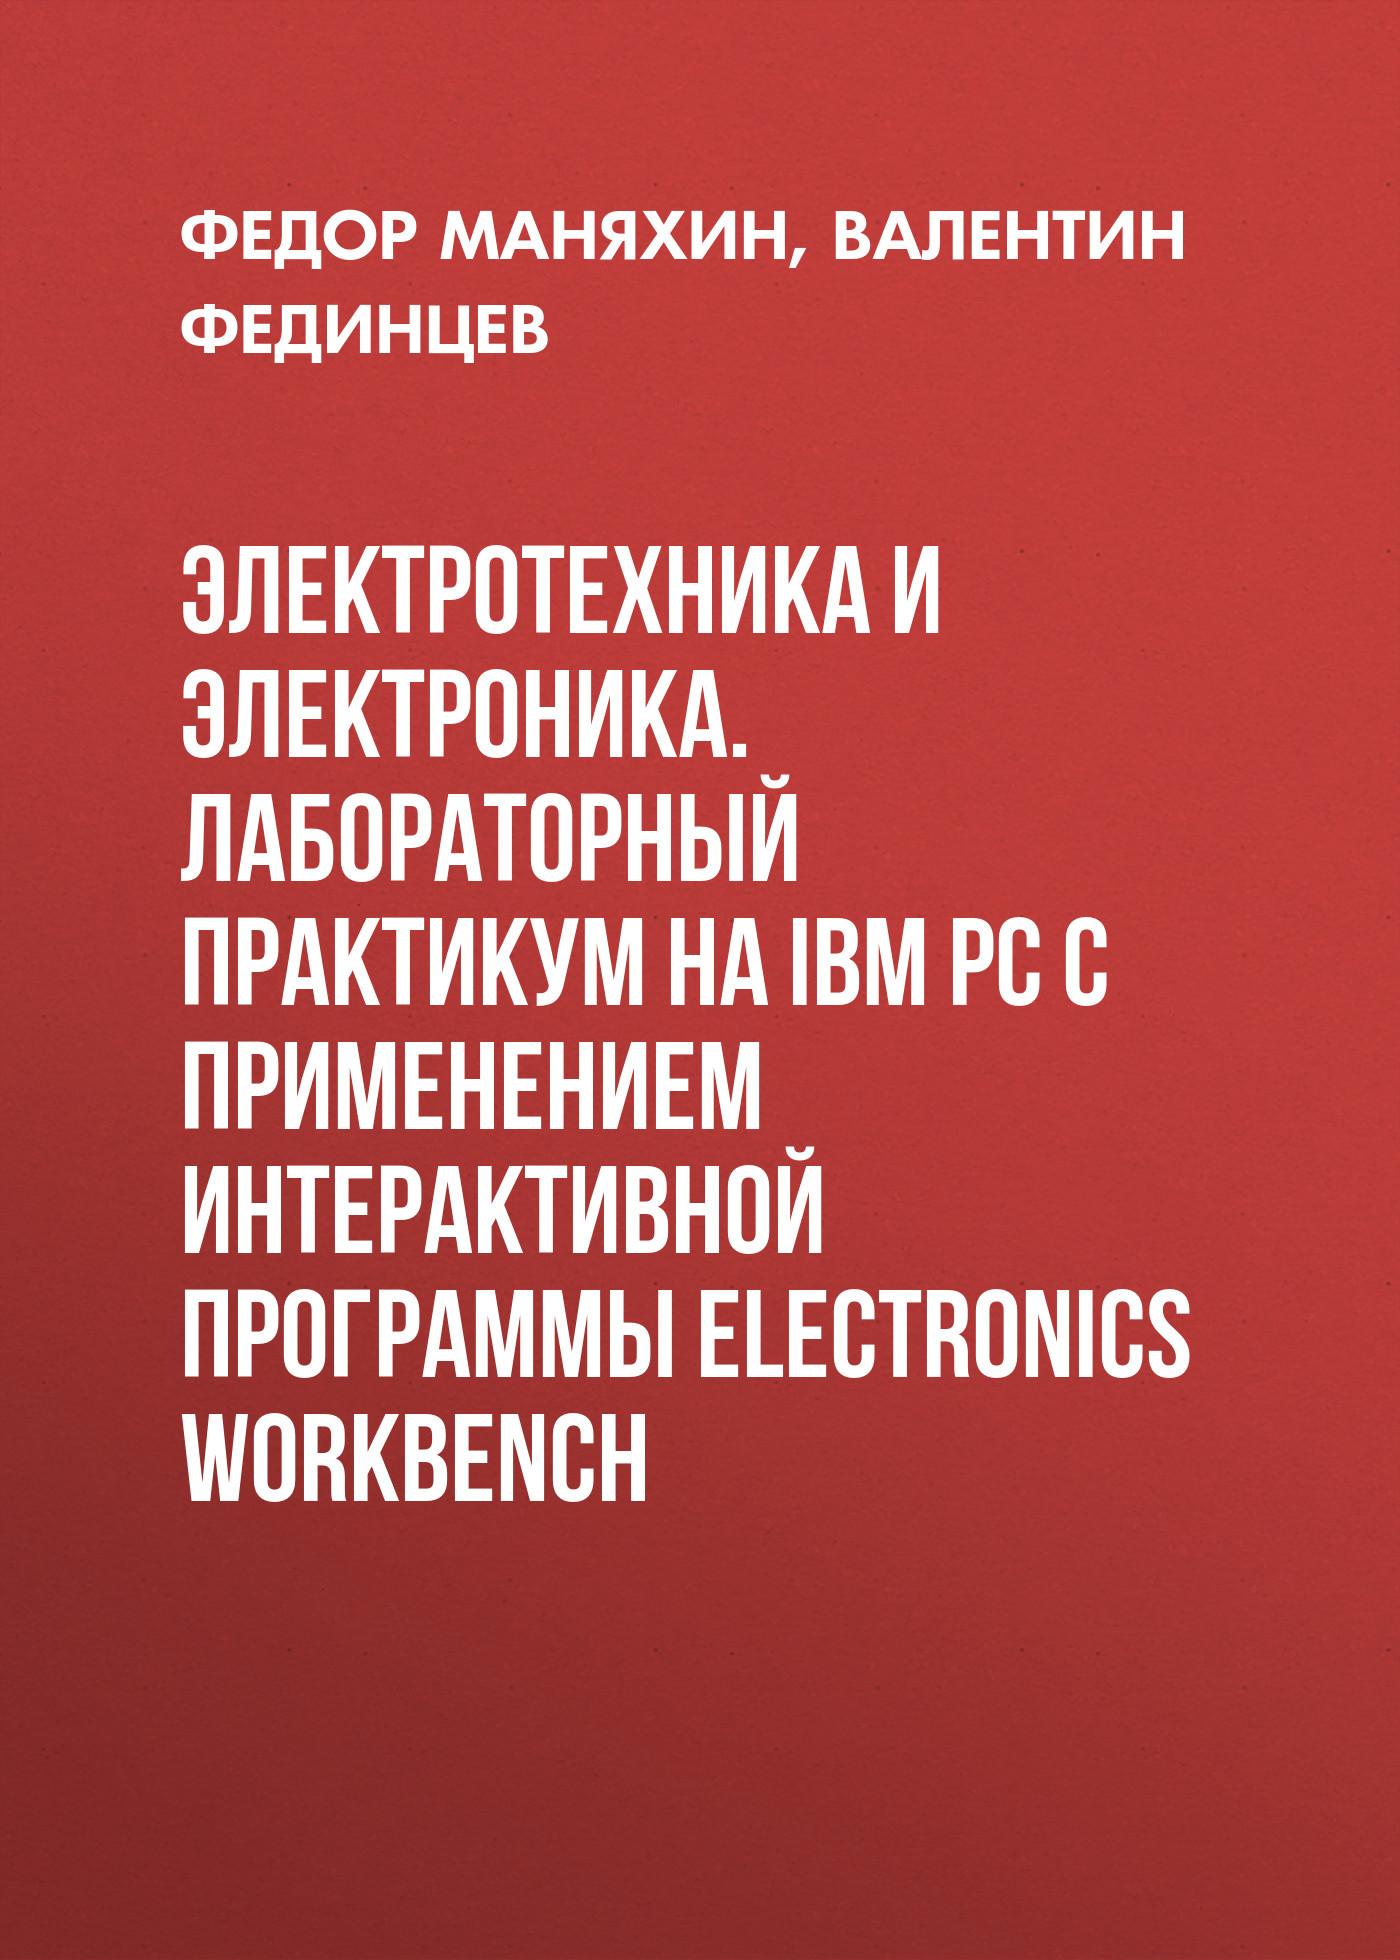 Федор Маняхин Электротехника и электроника. Лабораторный практикум на IBM PC с применением интерактивной программы Electronics Workbench сервер ibm с гарантией купить